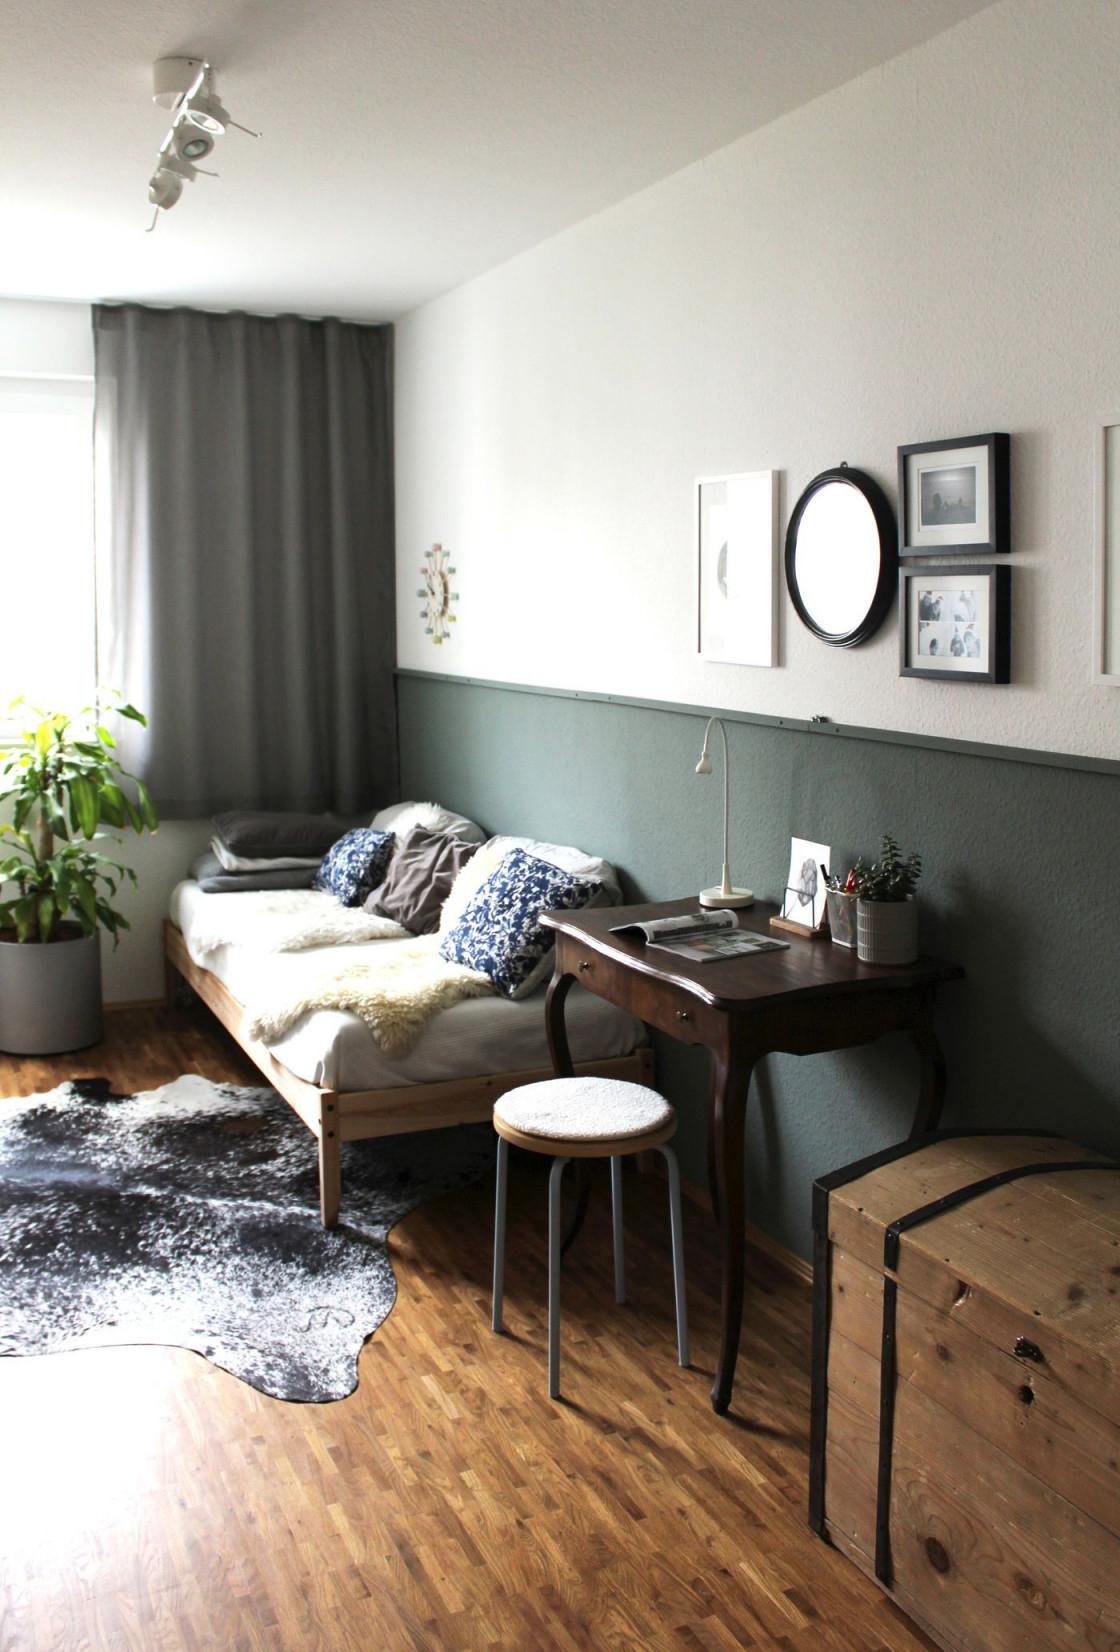 Das Kuhfell Als Dekoidee Und Teppich von Kuhfell Teppich Wohnzimmer Photo